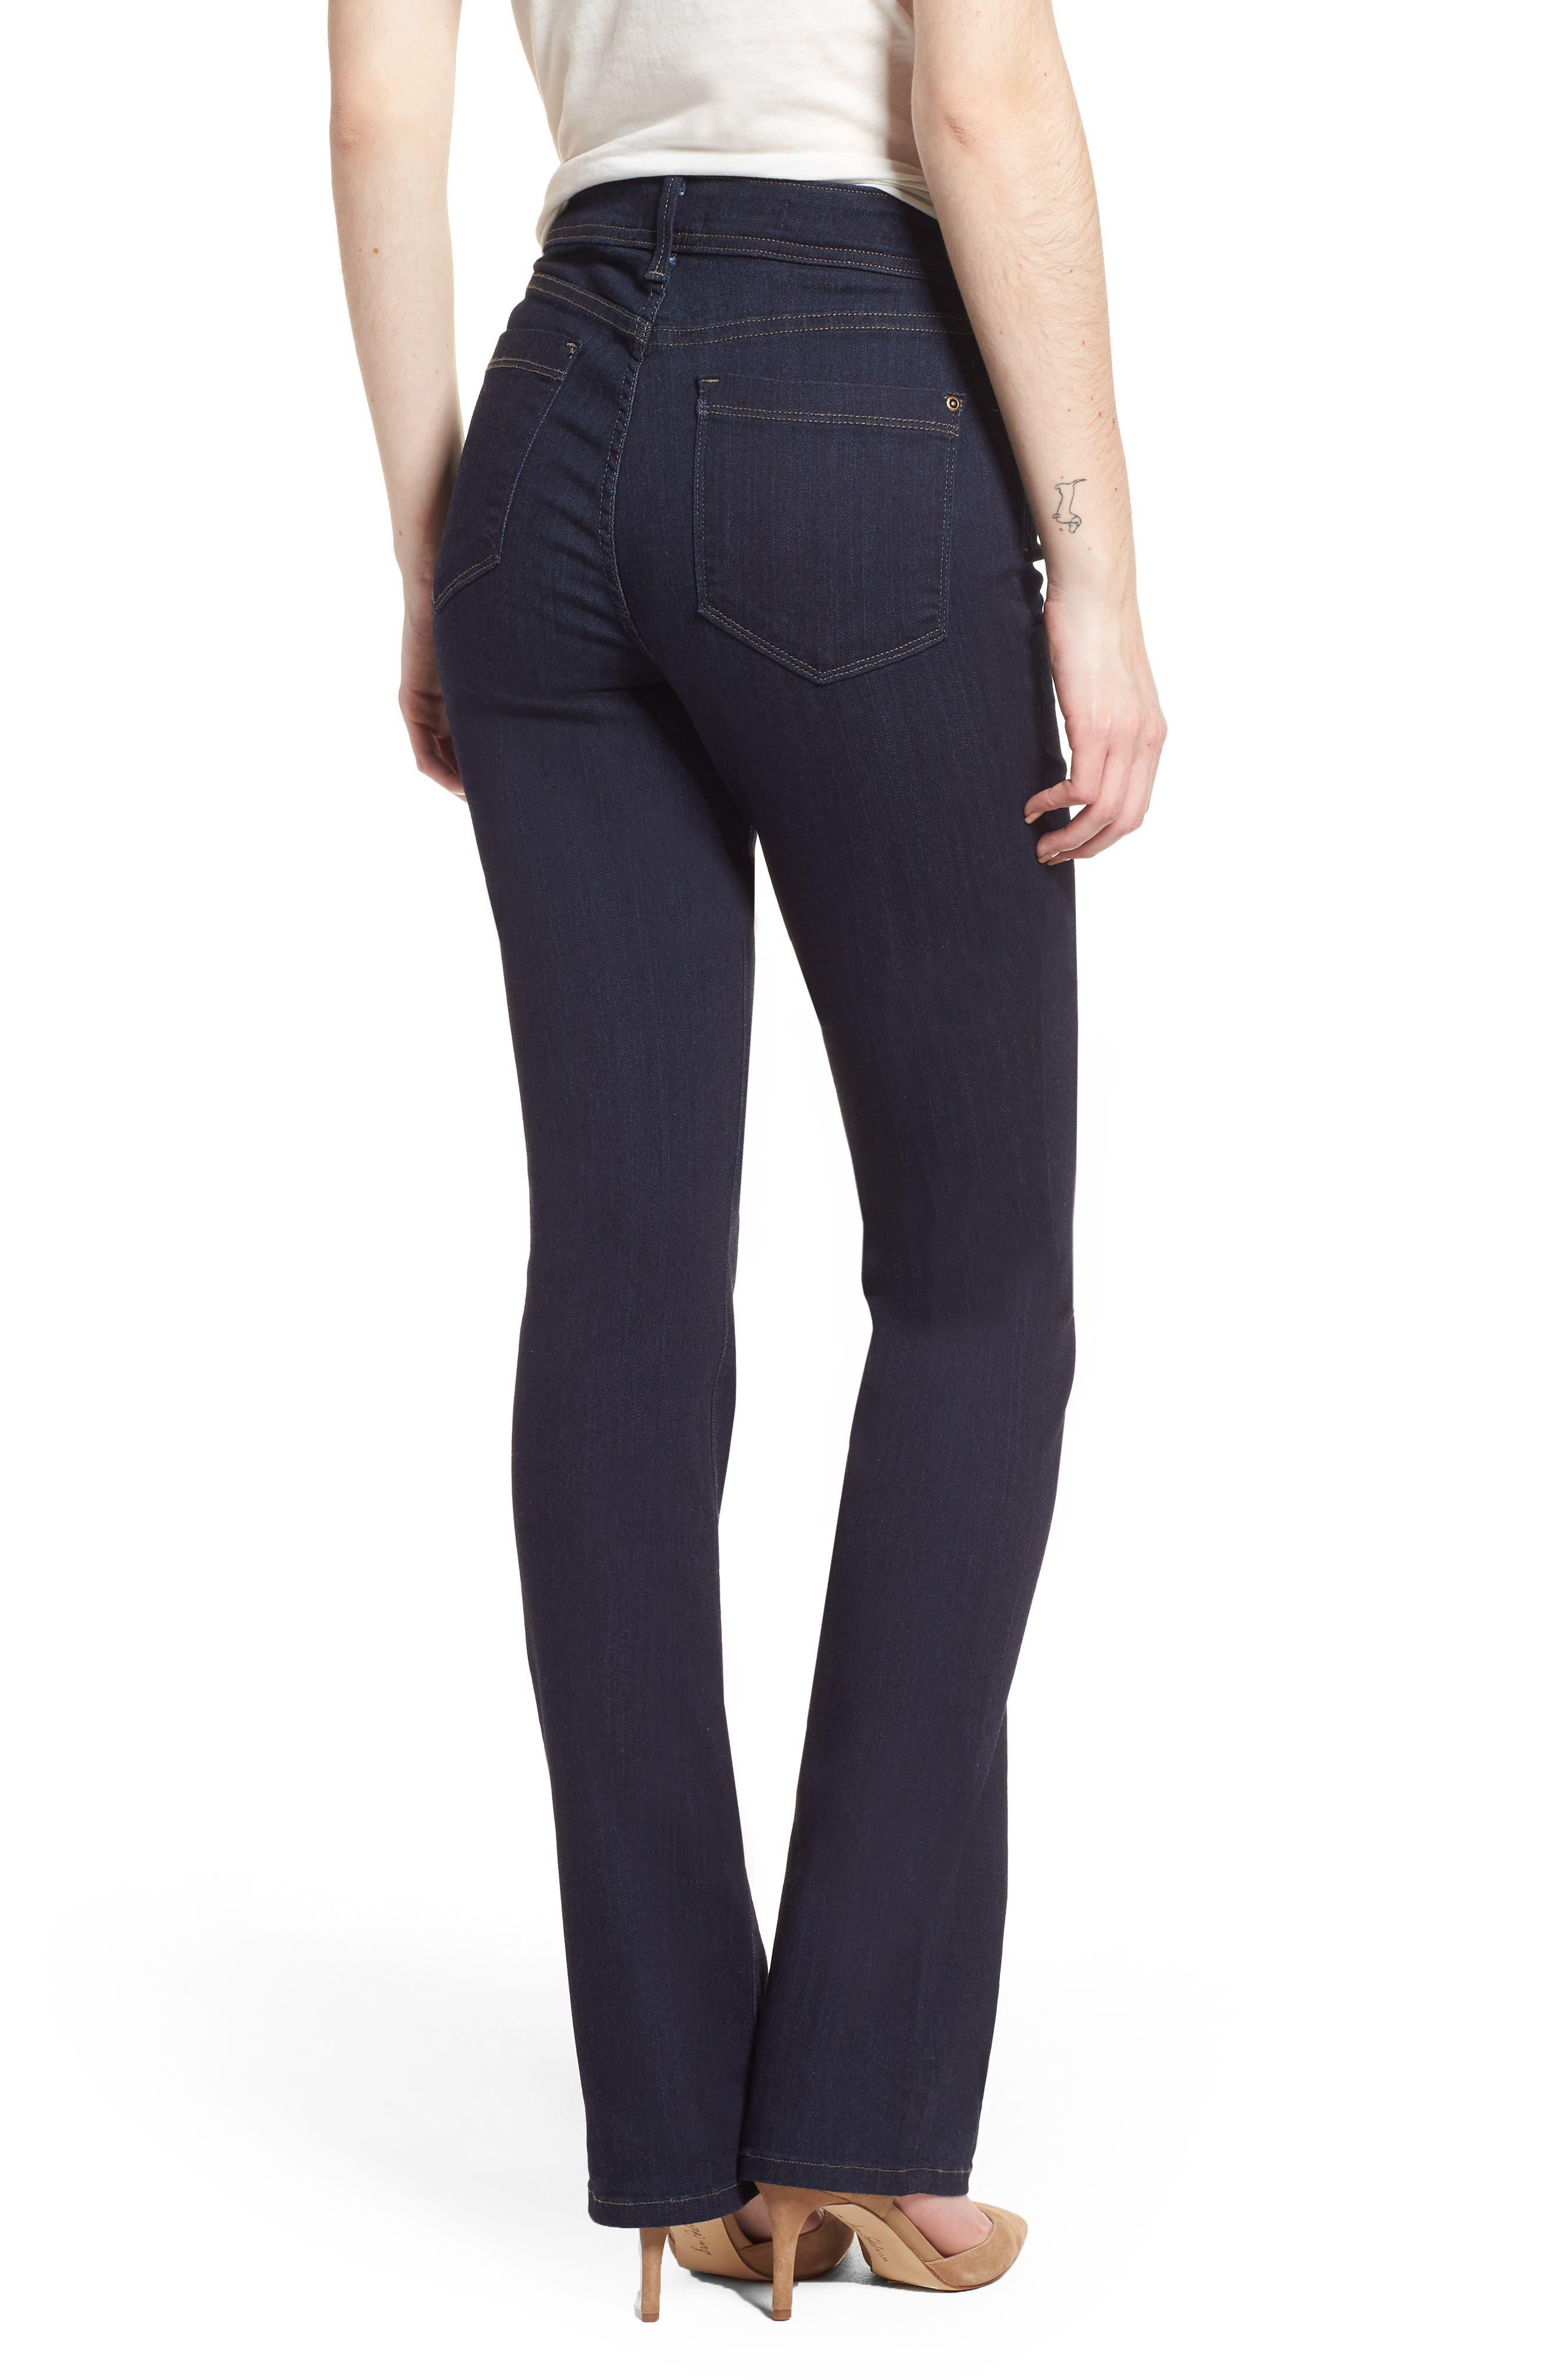 Billie Mini Bootcut Jeans,                             Alternate thumbnail 2, color,                             464